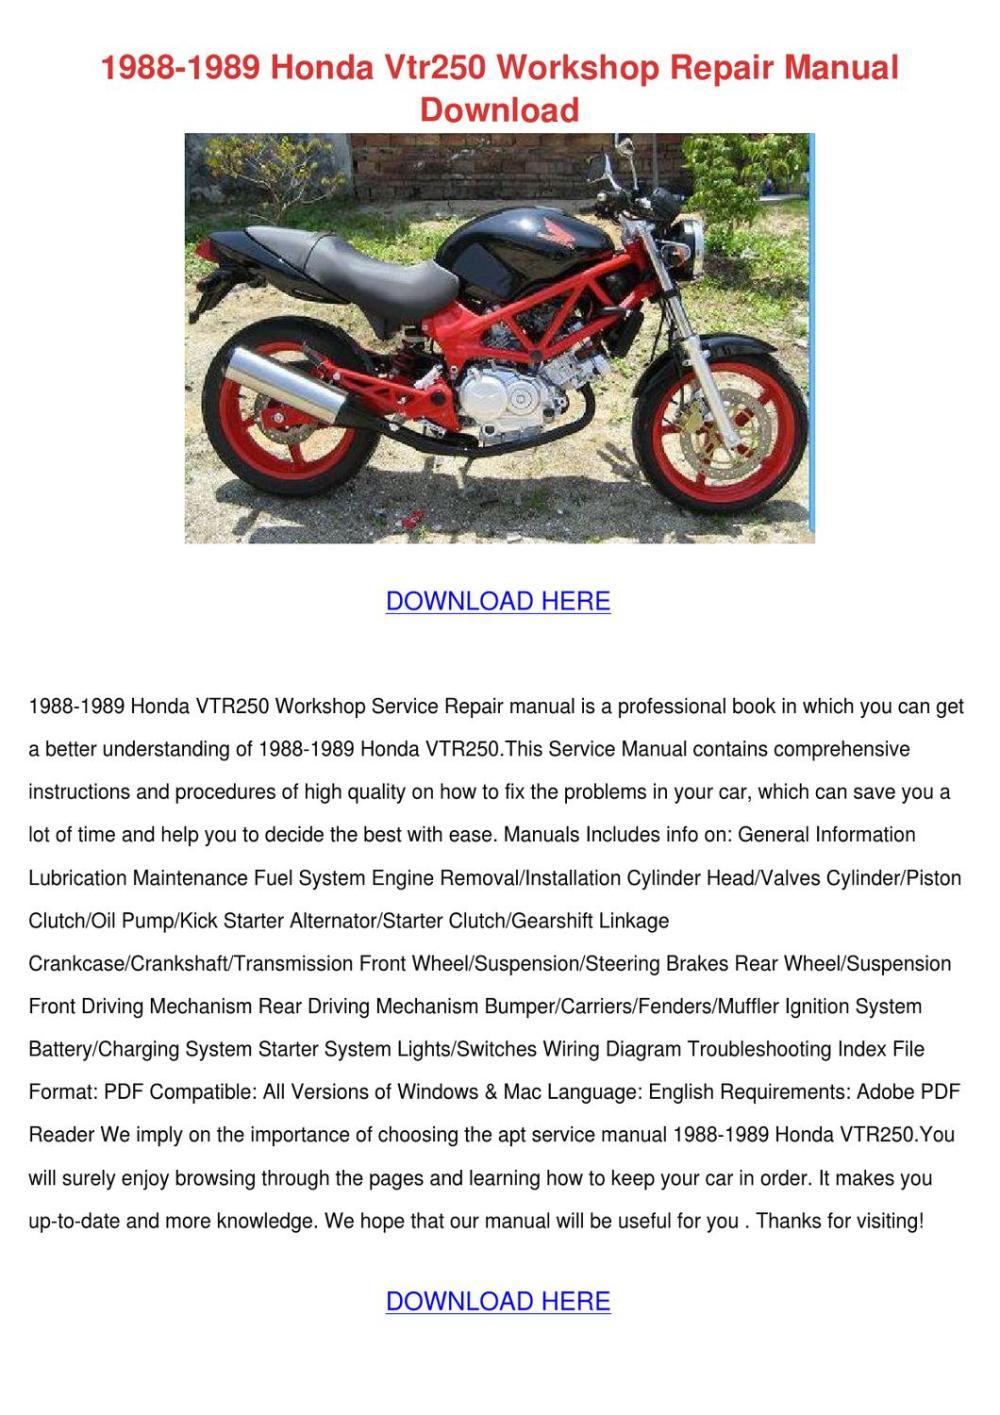 medium resolution of 1988 1989 honda vtr250 workshop repair manual